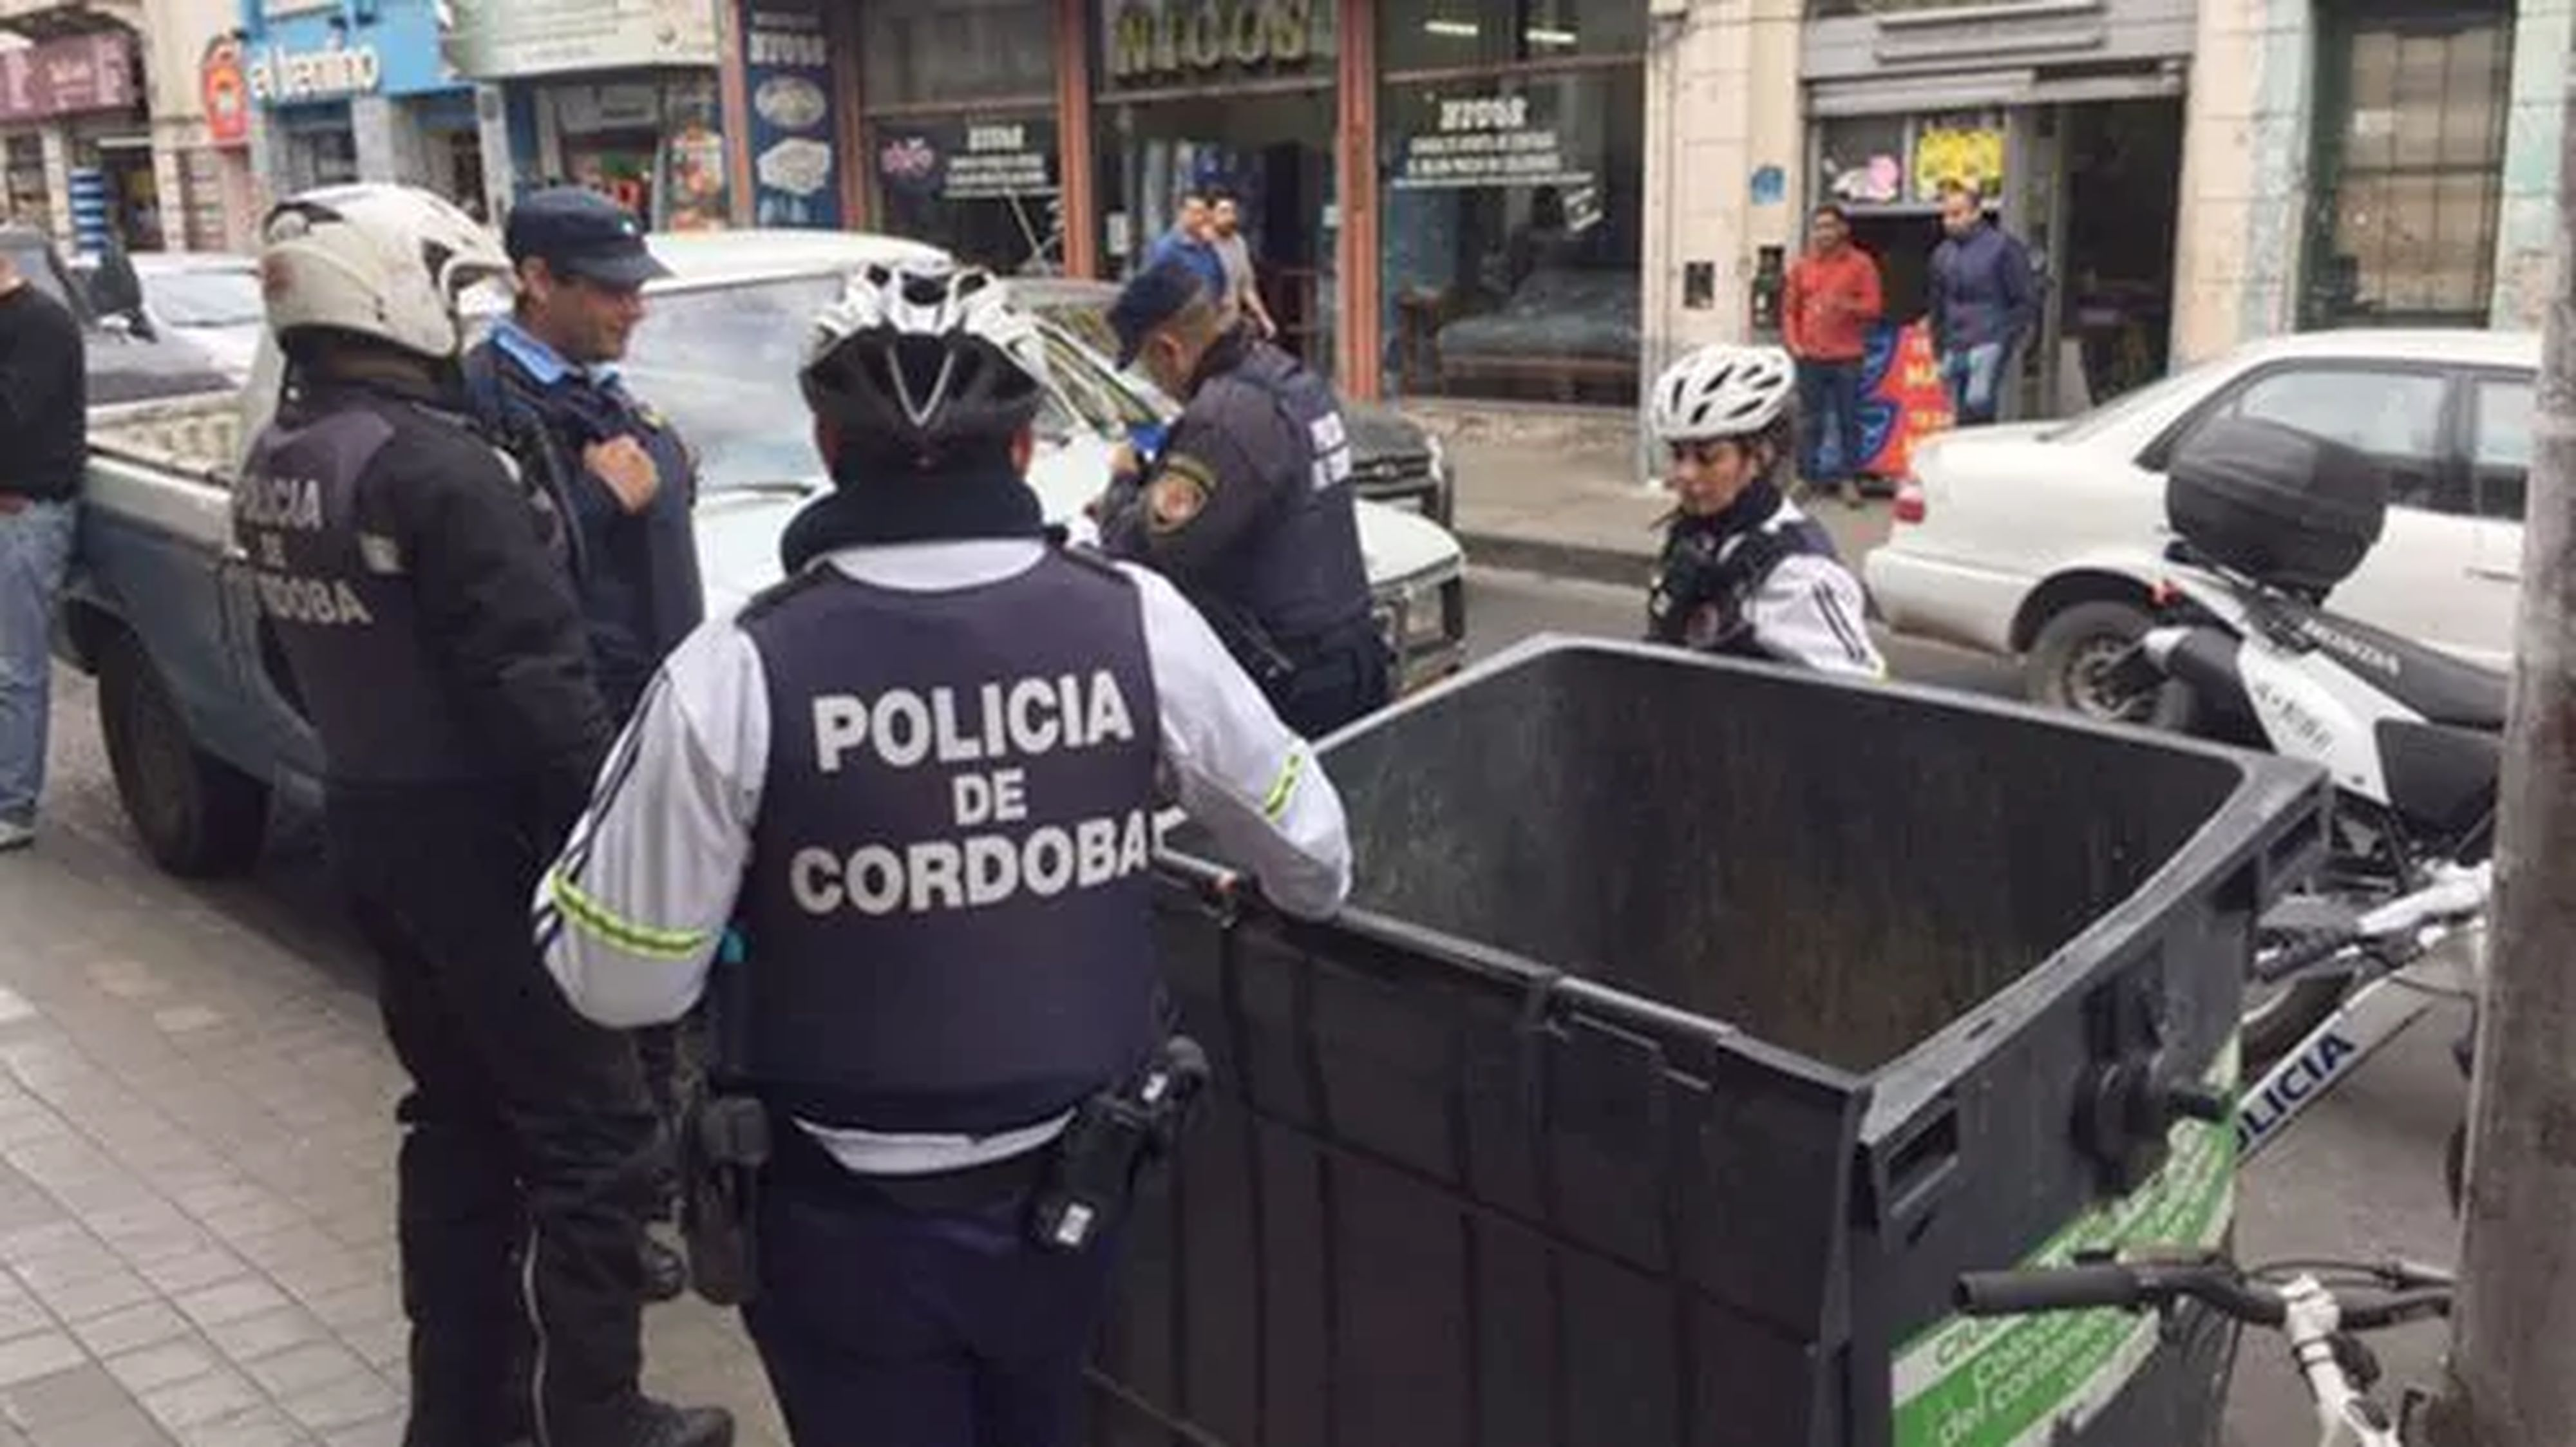 Encuentran dos bebés abandonados en contenedores de basura